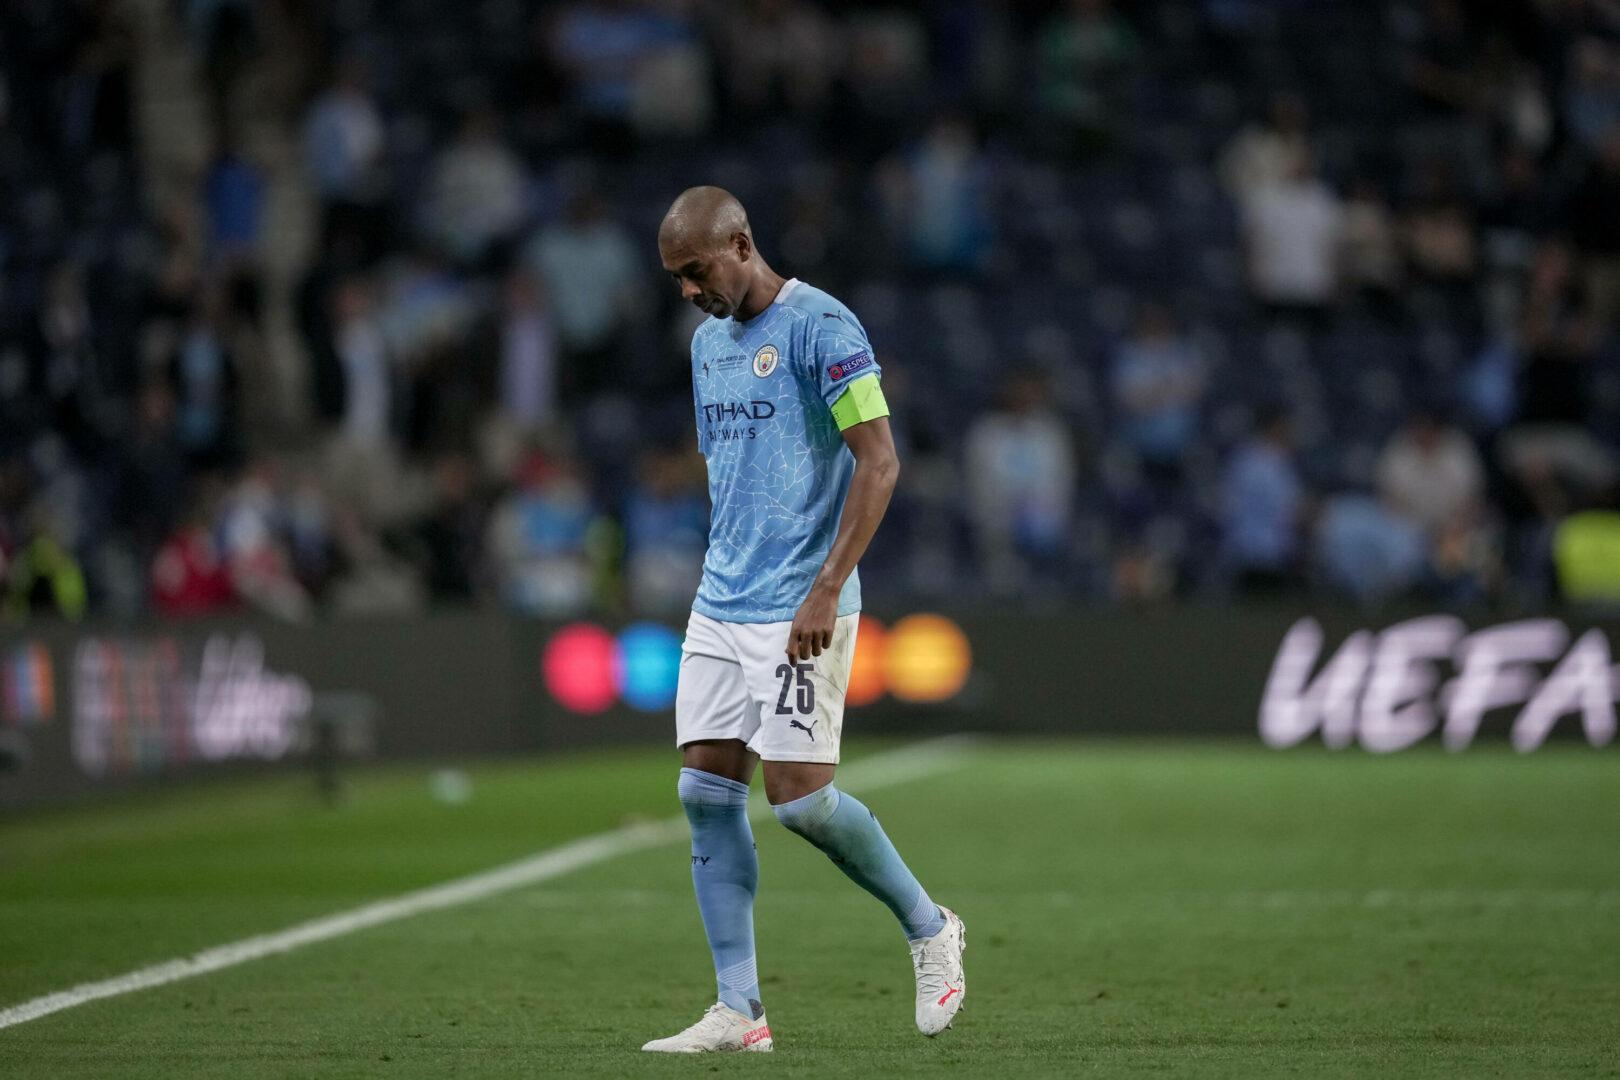 Bestätigt: Fernandinho verlängert Vertrag bei Manchester City